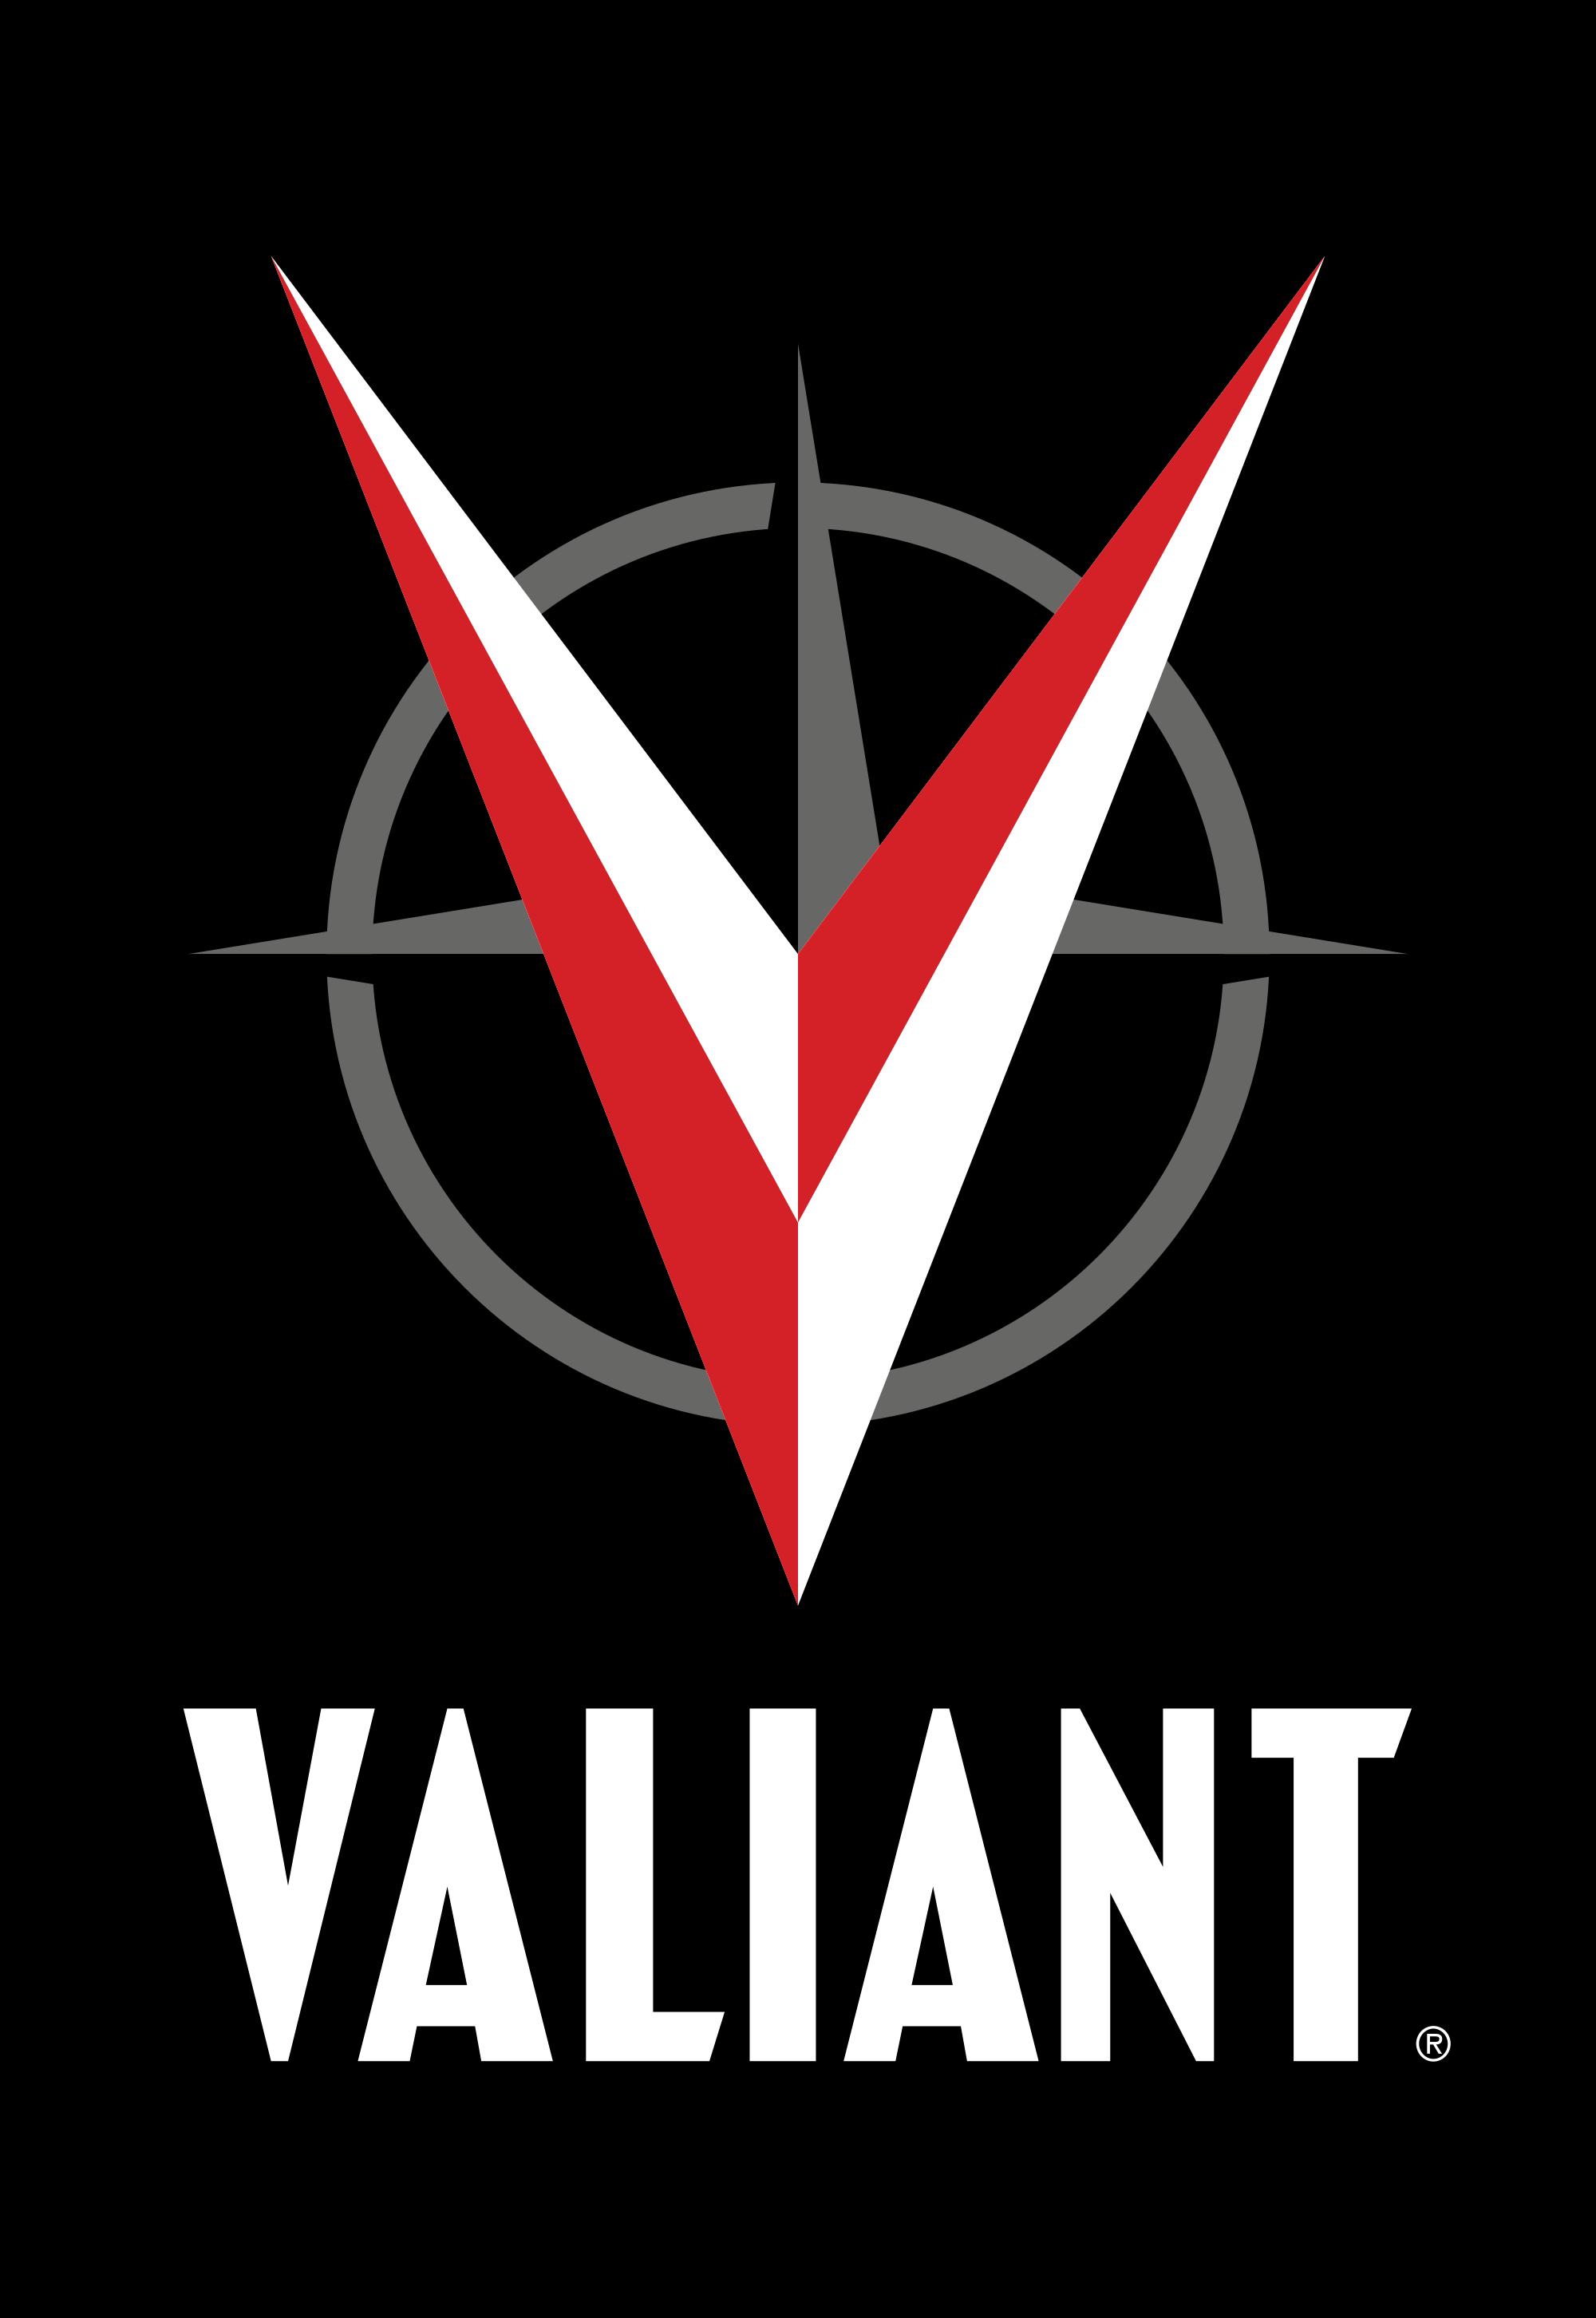 Видавництво Valiant придбала китайська медіакомпанія